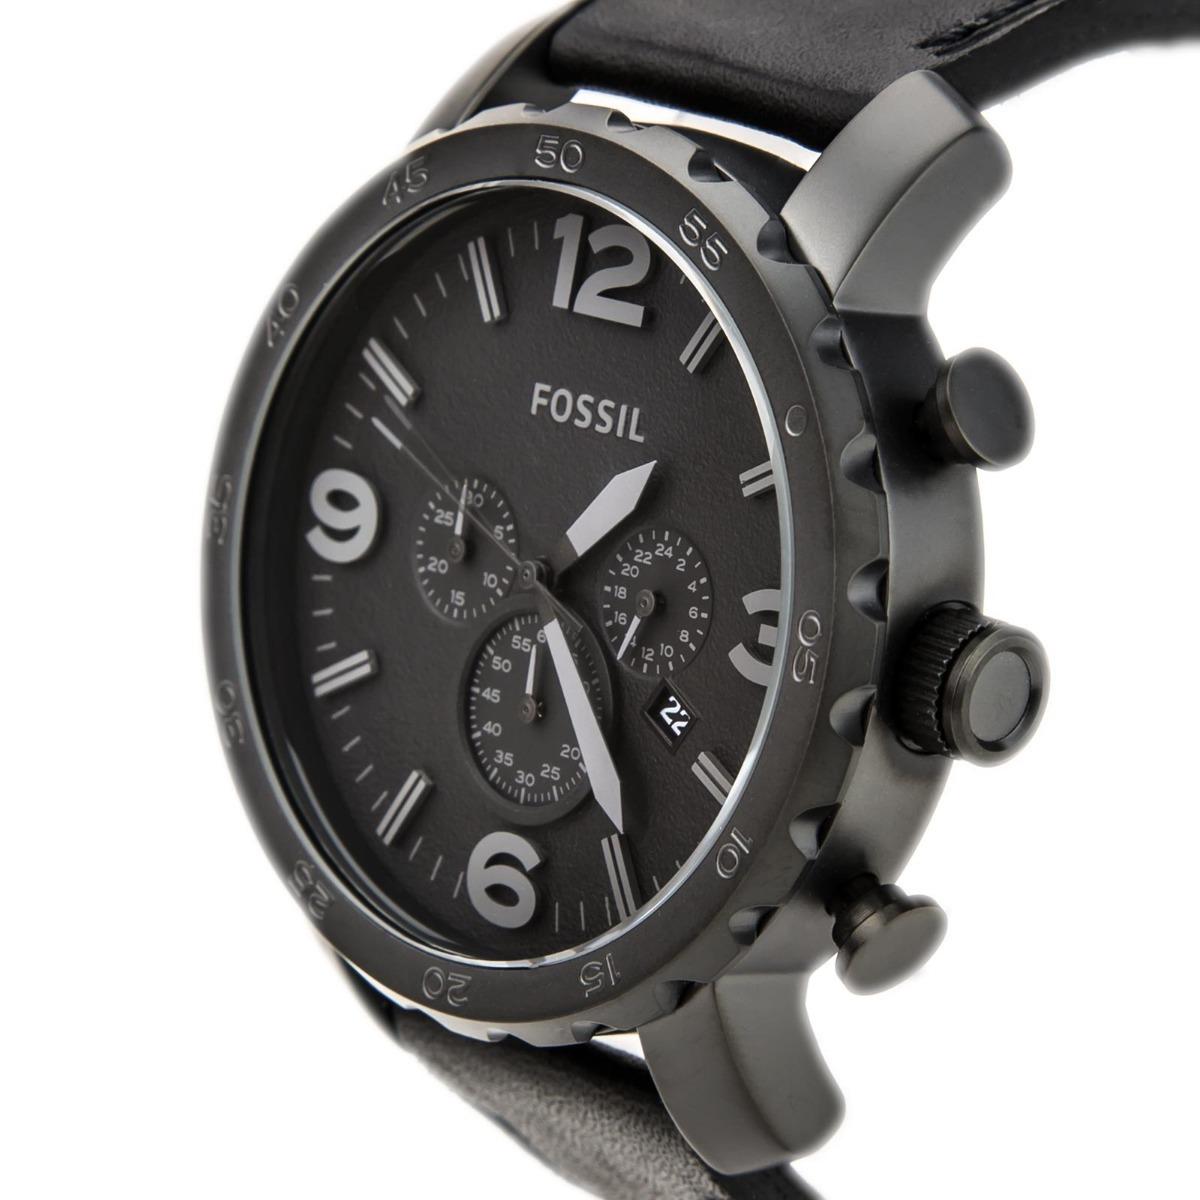 7441d556423f reloj fossil jr1354 nate cronografo hombre negro mate. Cargando zoom.